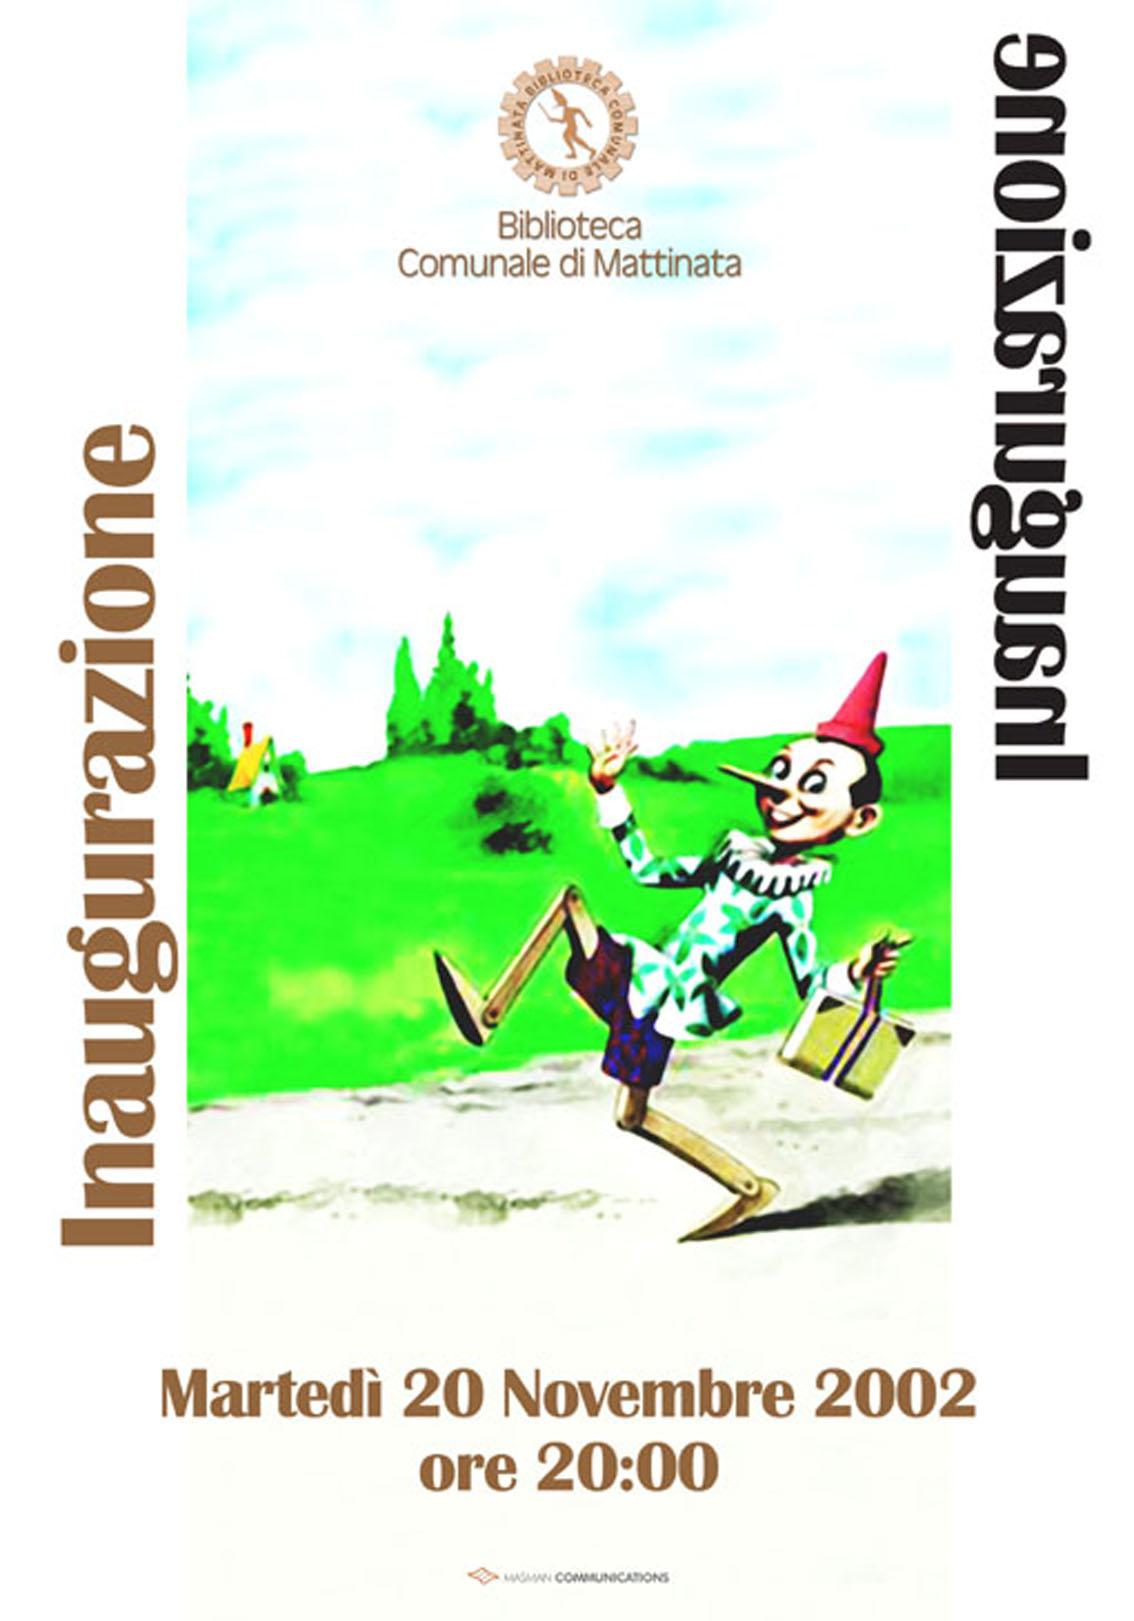 066_biblioteca_mattinata_masman